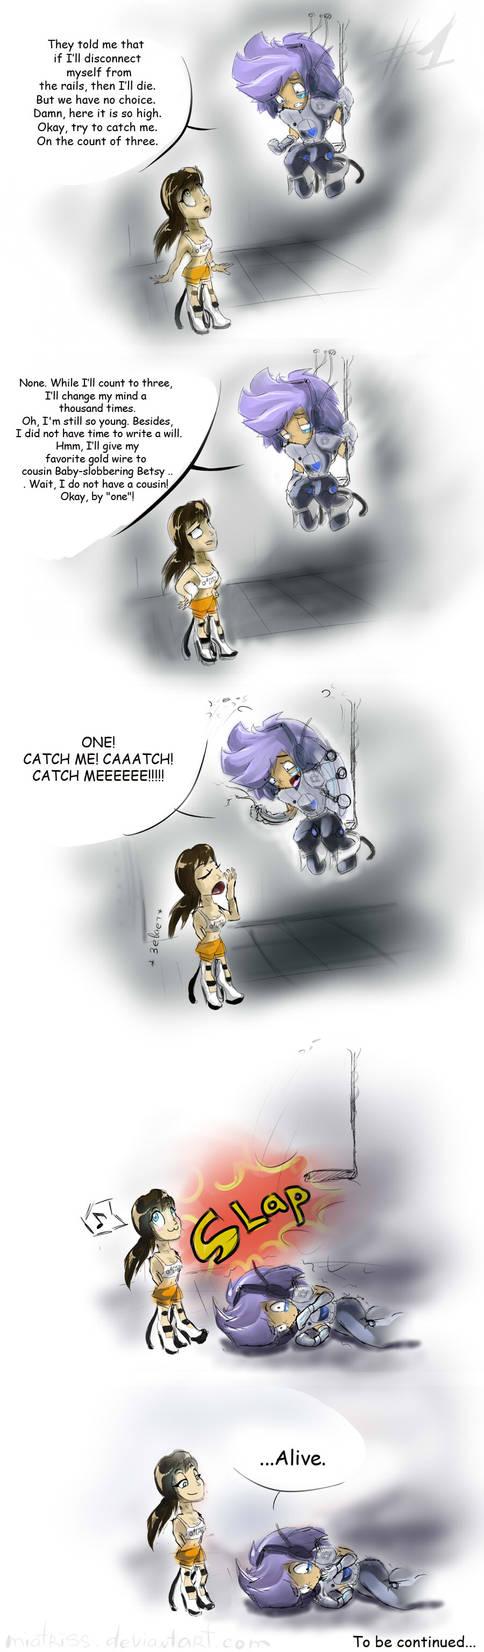 Portal 2: :Catch me: vol. 1 by Miatriss